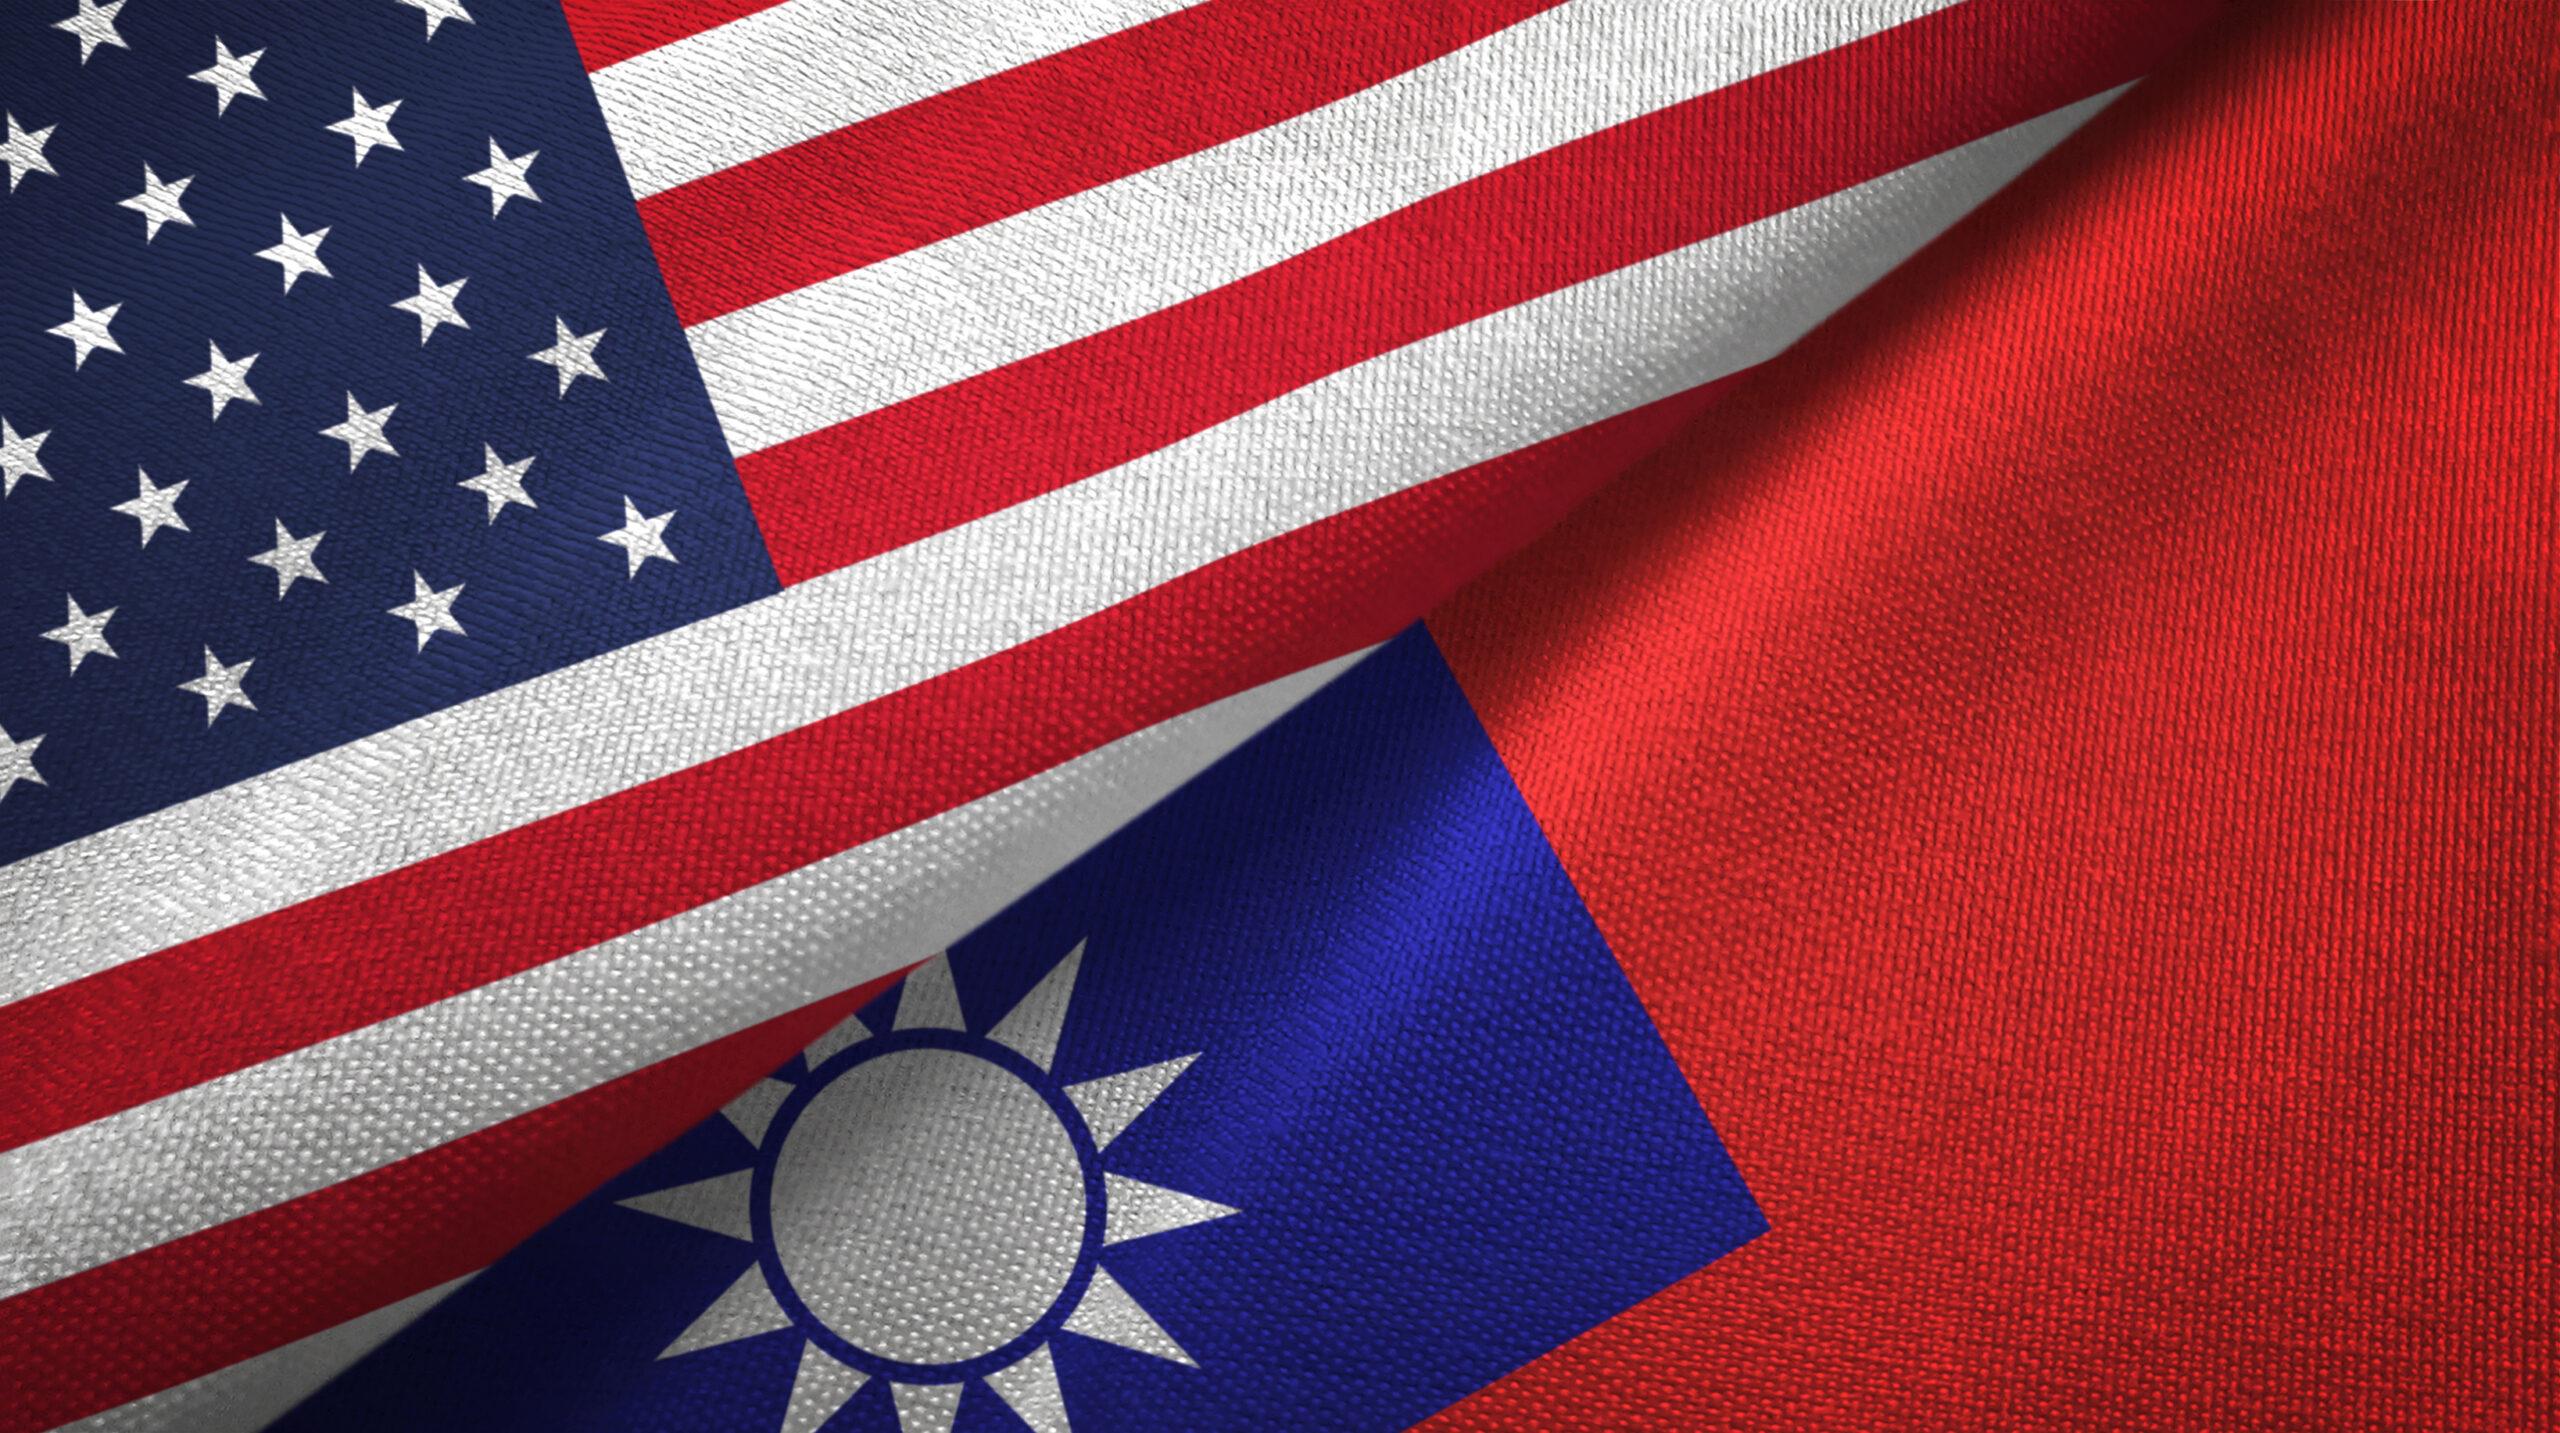 تایوان از پایبندی شرکتهای تراشهساز این کشور به تحریمهای آمریکا علیه چین خبر داد